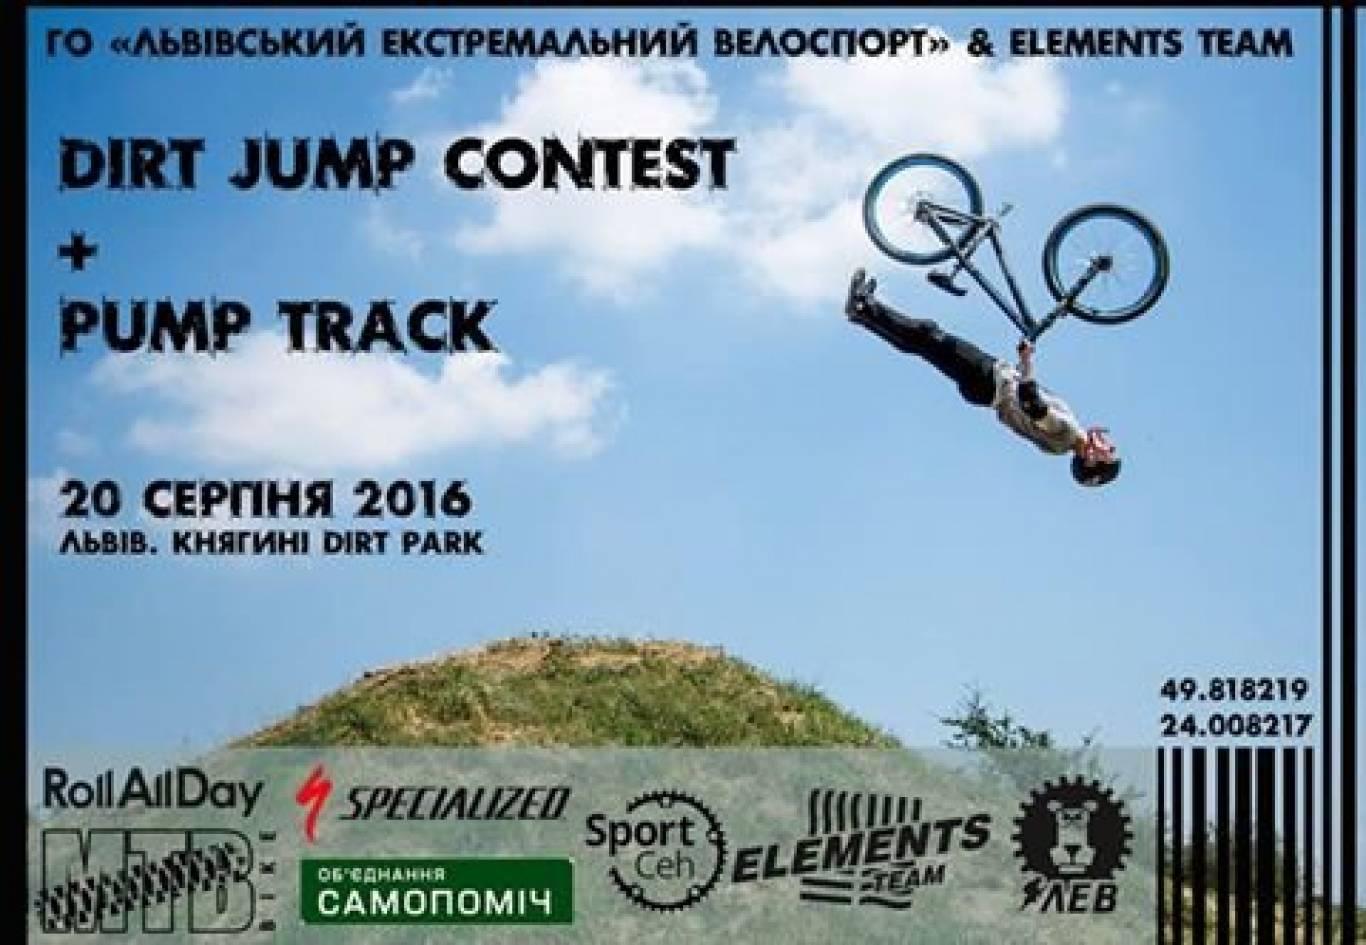 Змагання з екстремальних велодисциплін